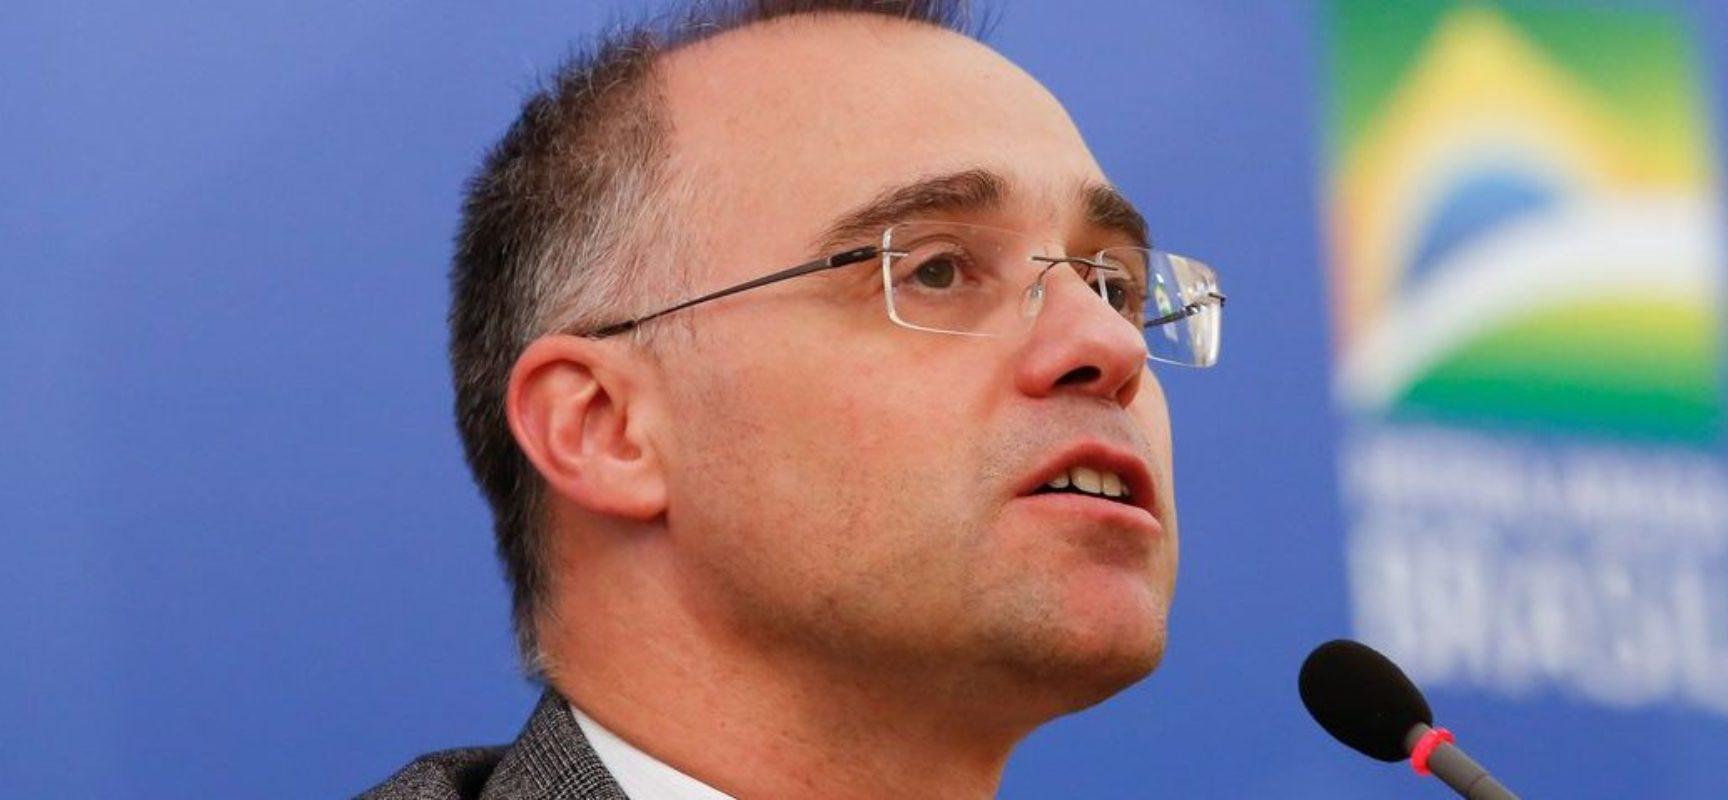 André Mendonça toma posse no cargo de advogado-geral da União